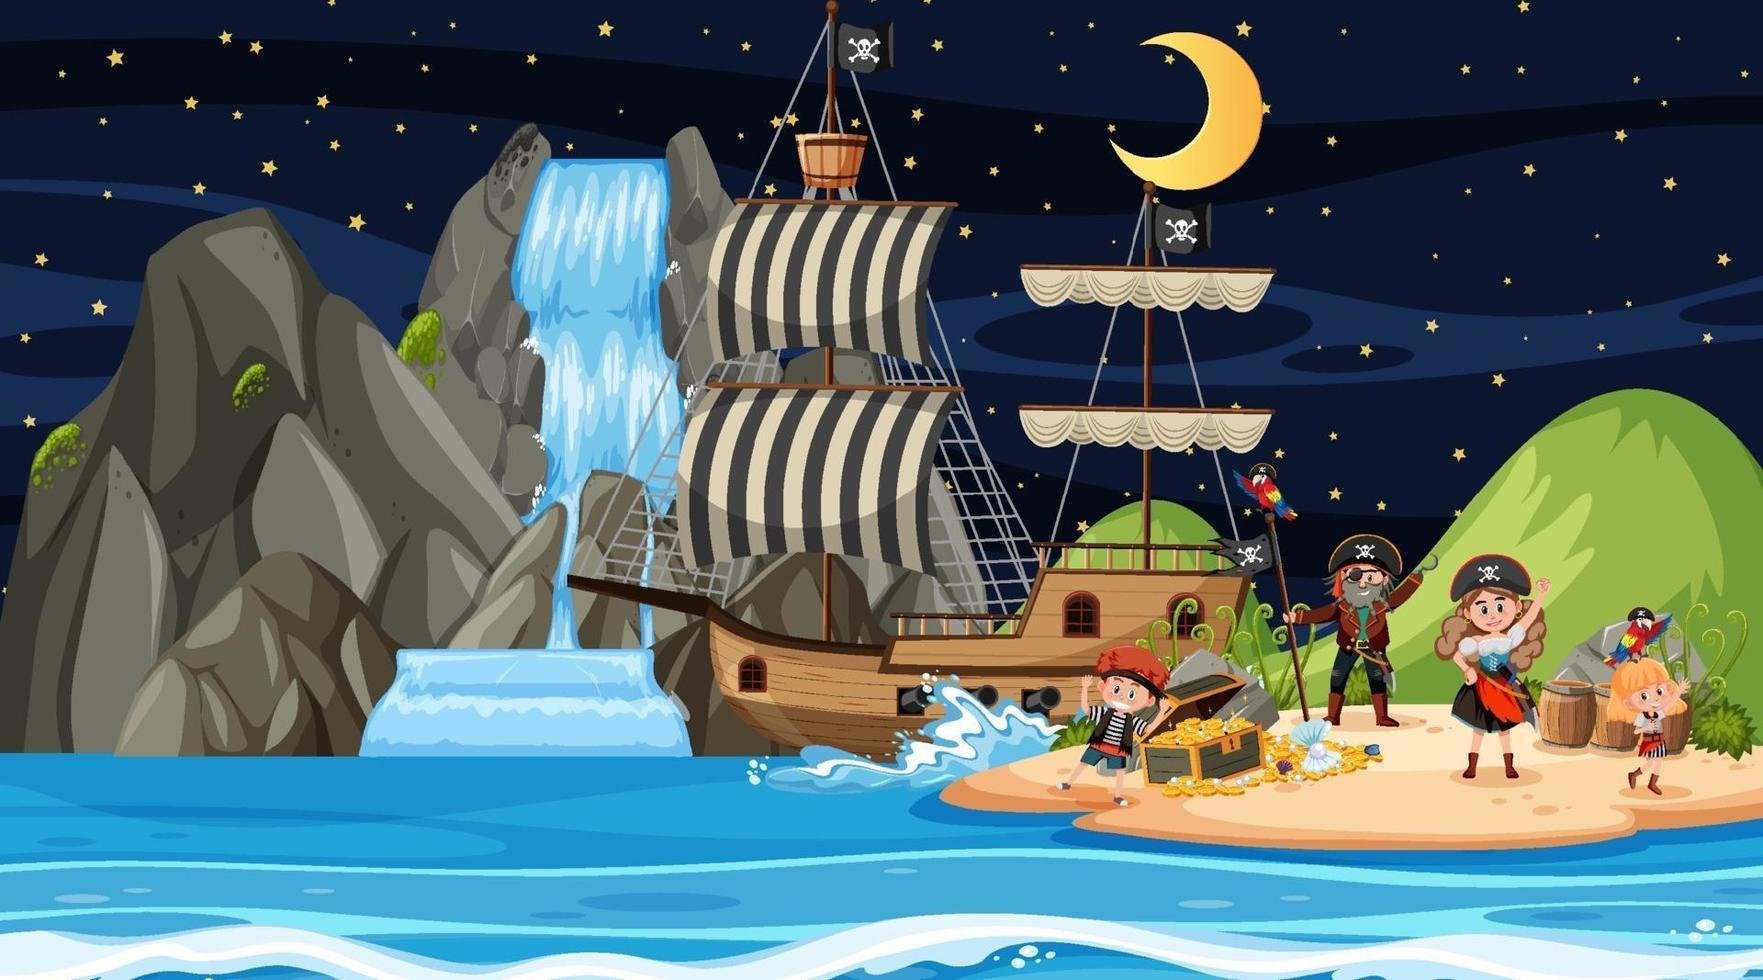 cena da ilha do tesouro à noite com crianças piratas vetor